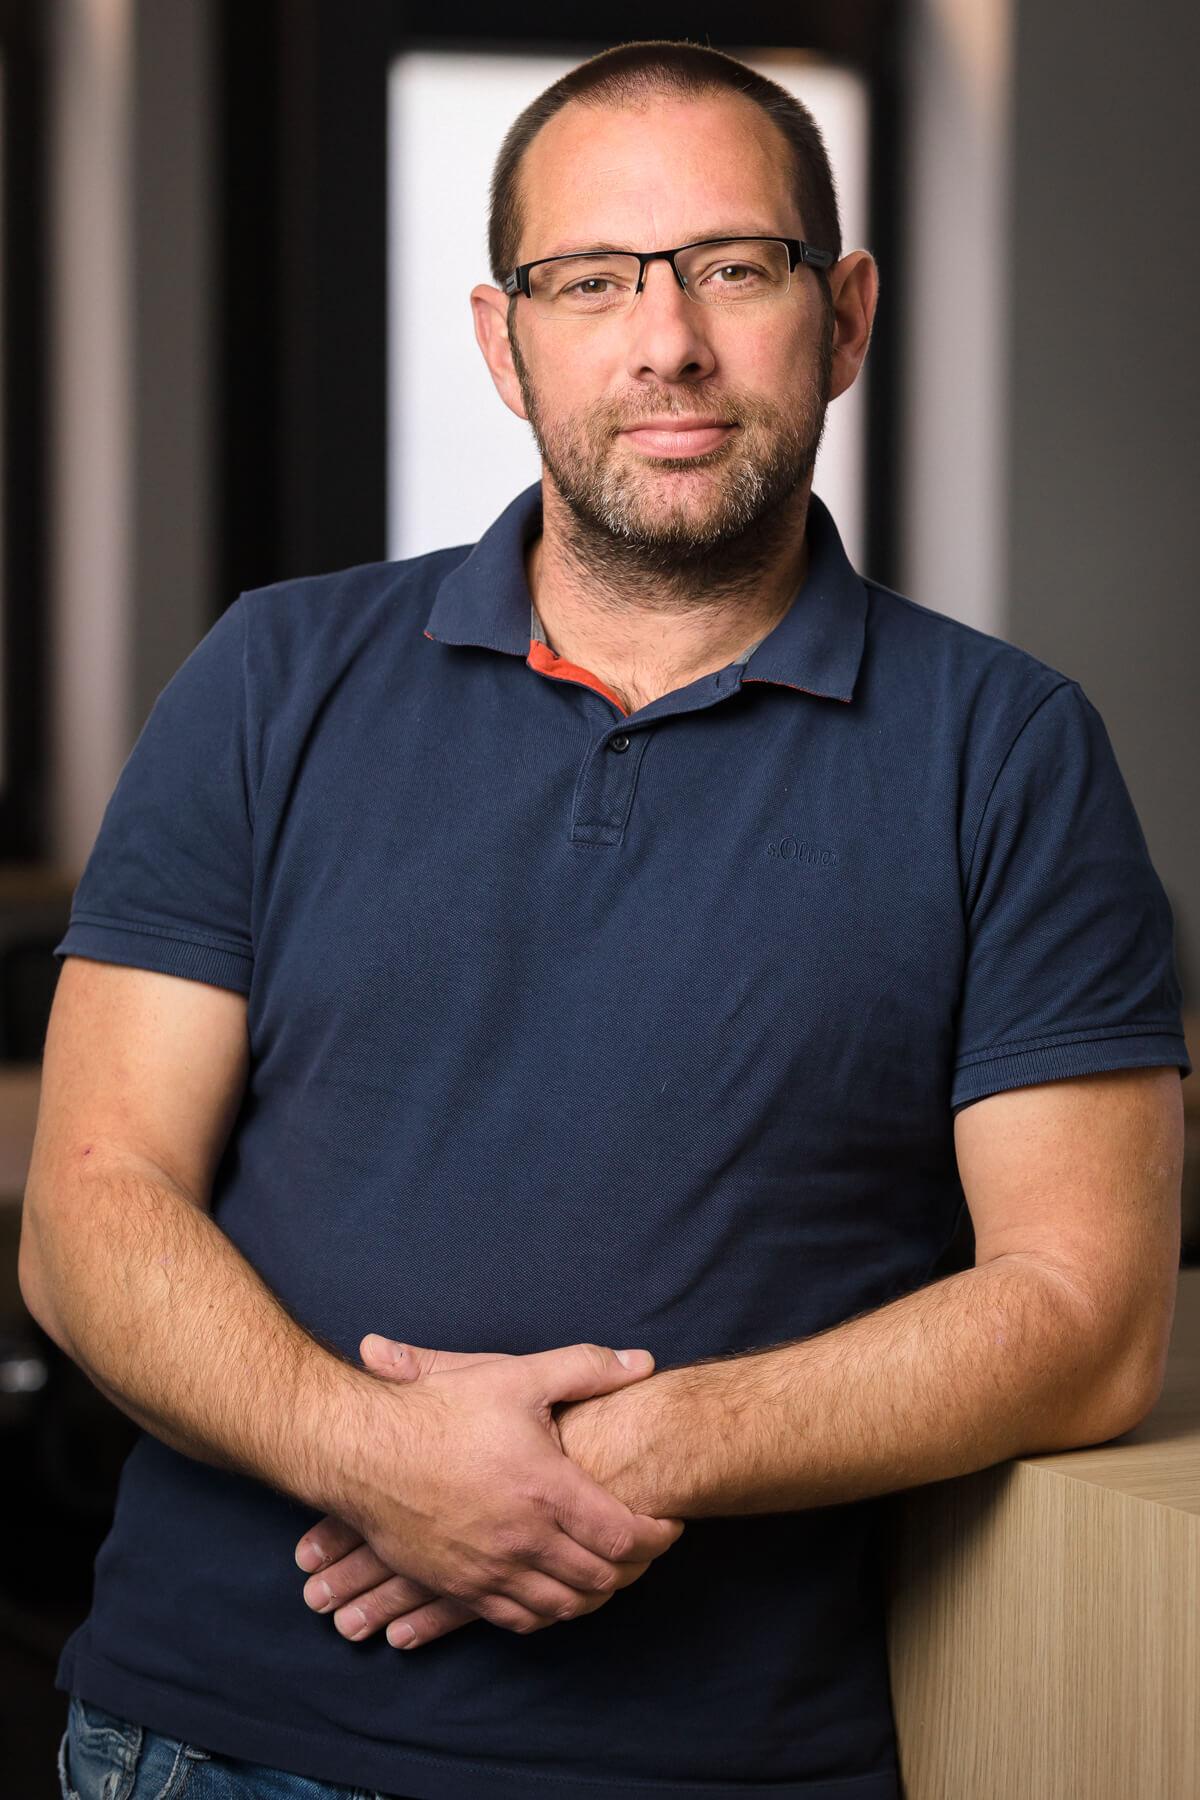 Jörg Beermann